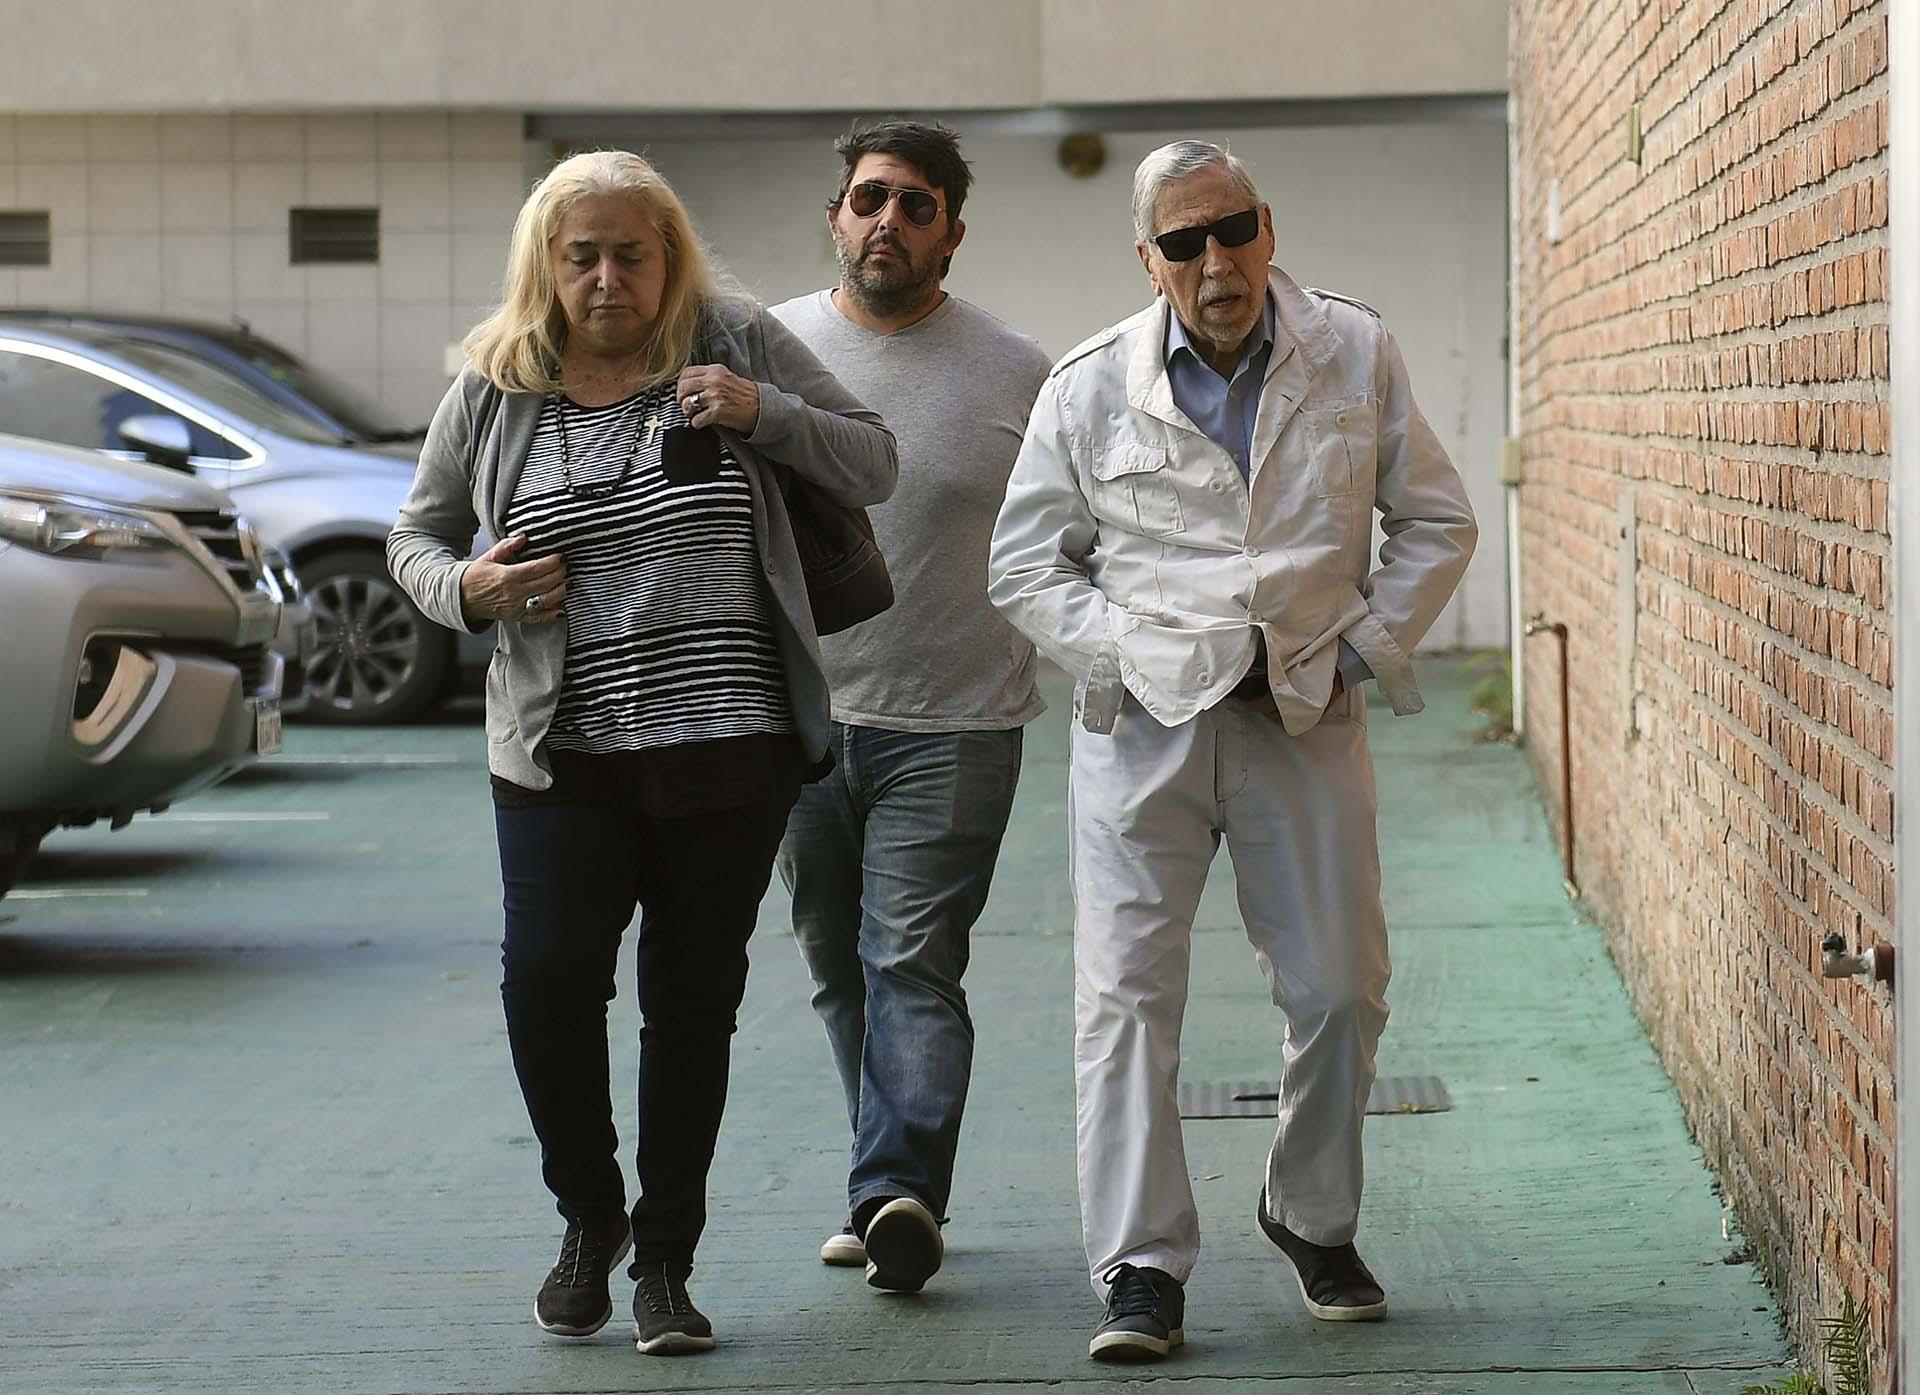 Horacio Malvicino, presidente de la Asociación Argentina de Intérpretes (AADI), llegando a la despedida de Saravia